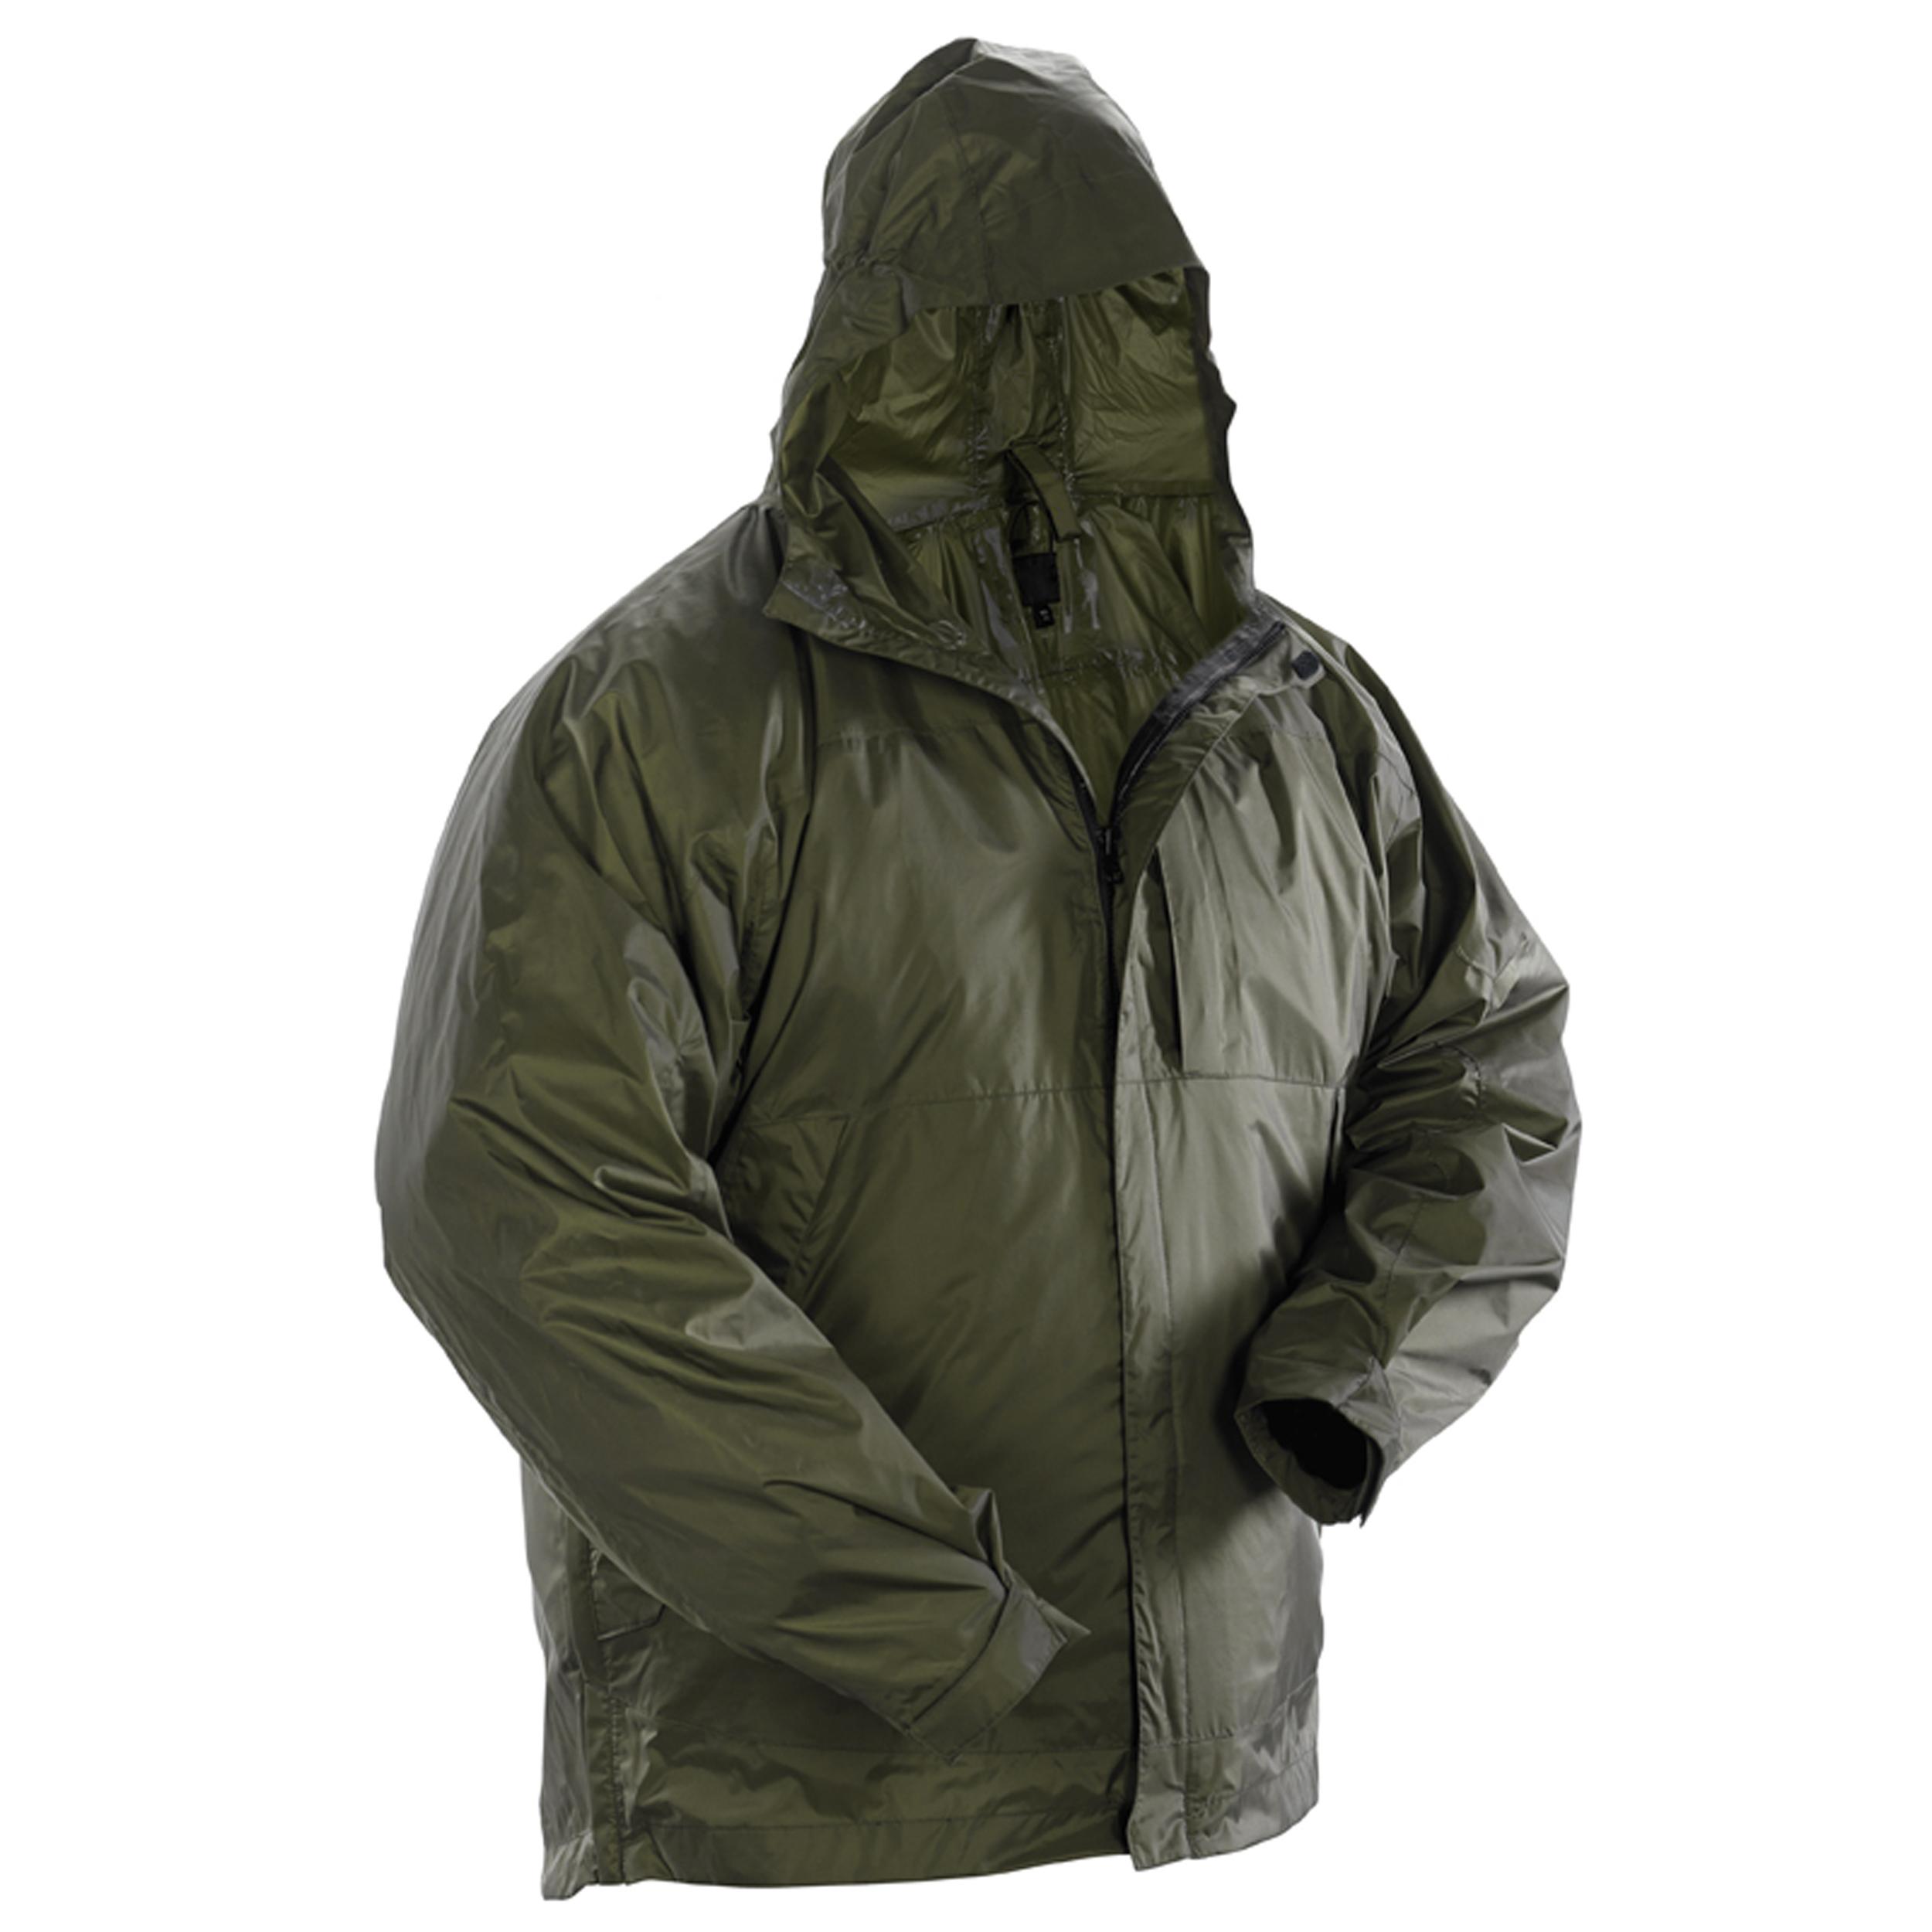 Snugpak Rj1 Rain Jacket Olive Sm